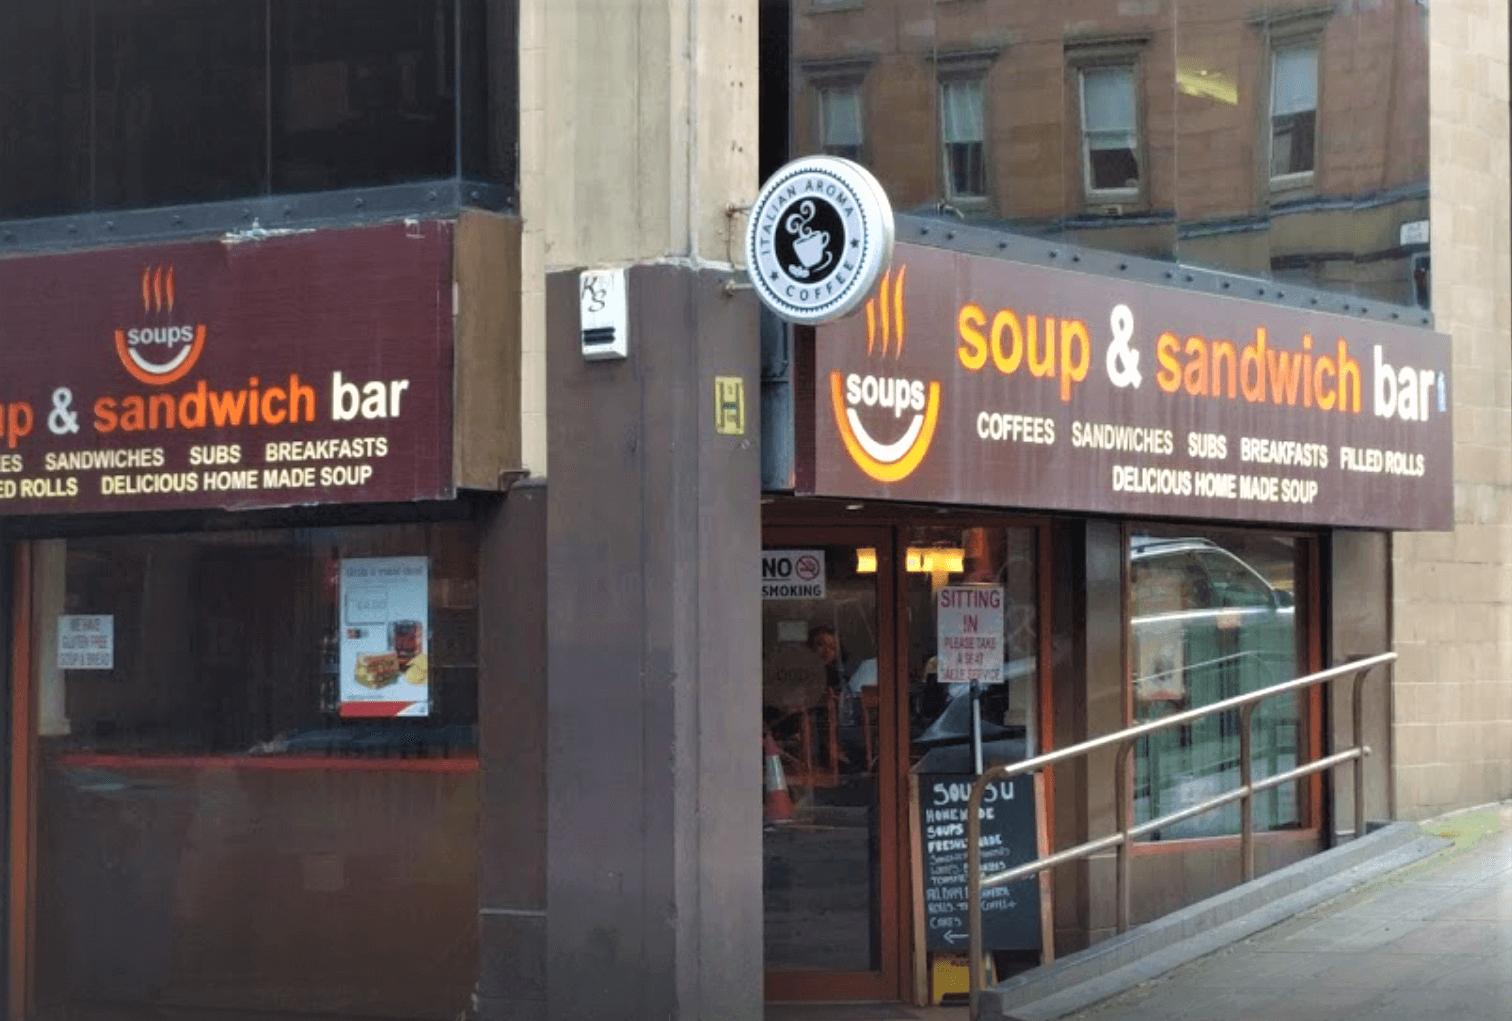 Soups U Glasgow Blog Header Image 